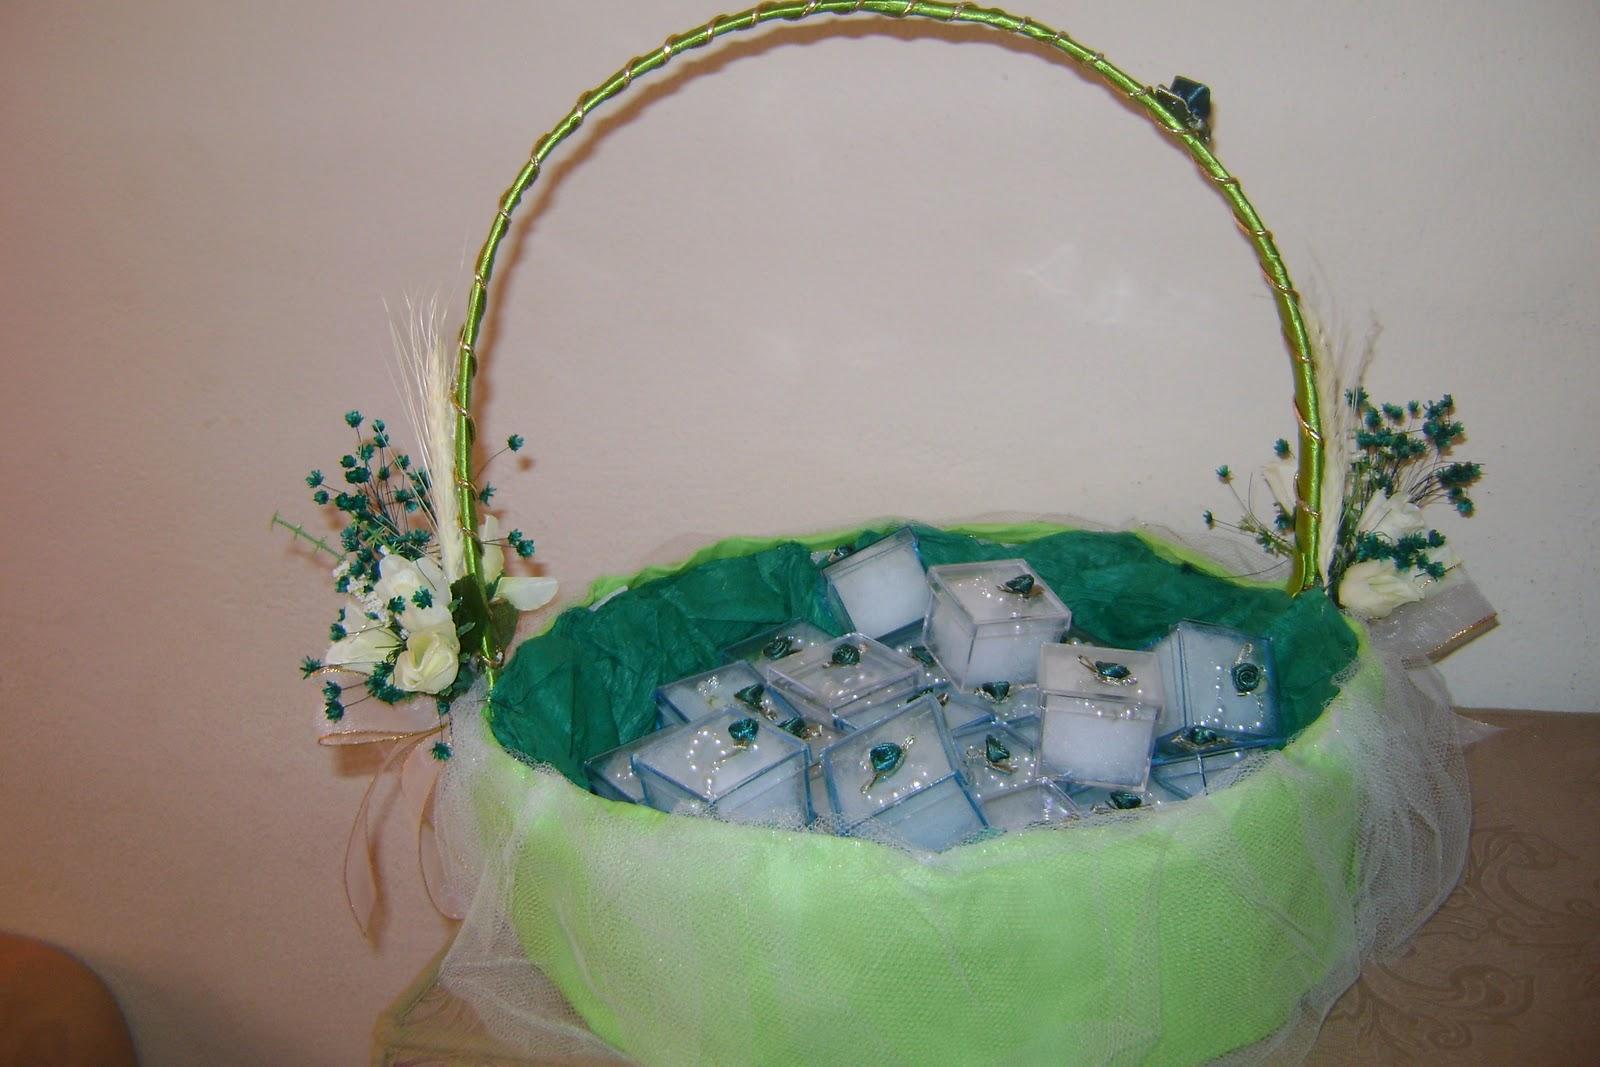 Artes com r bia tricot cestas decorativas para 1 eucar stia - Cestas decorativas ...